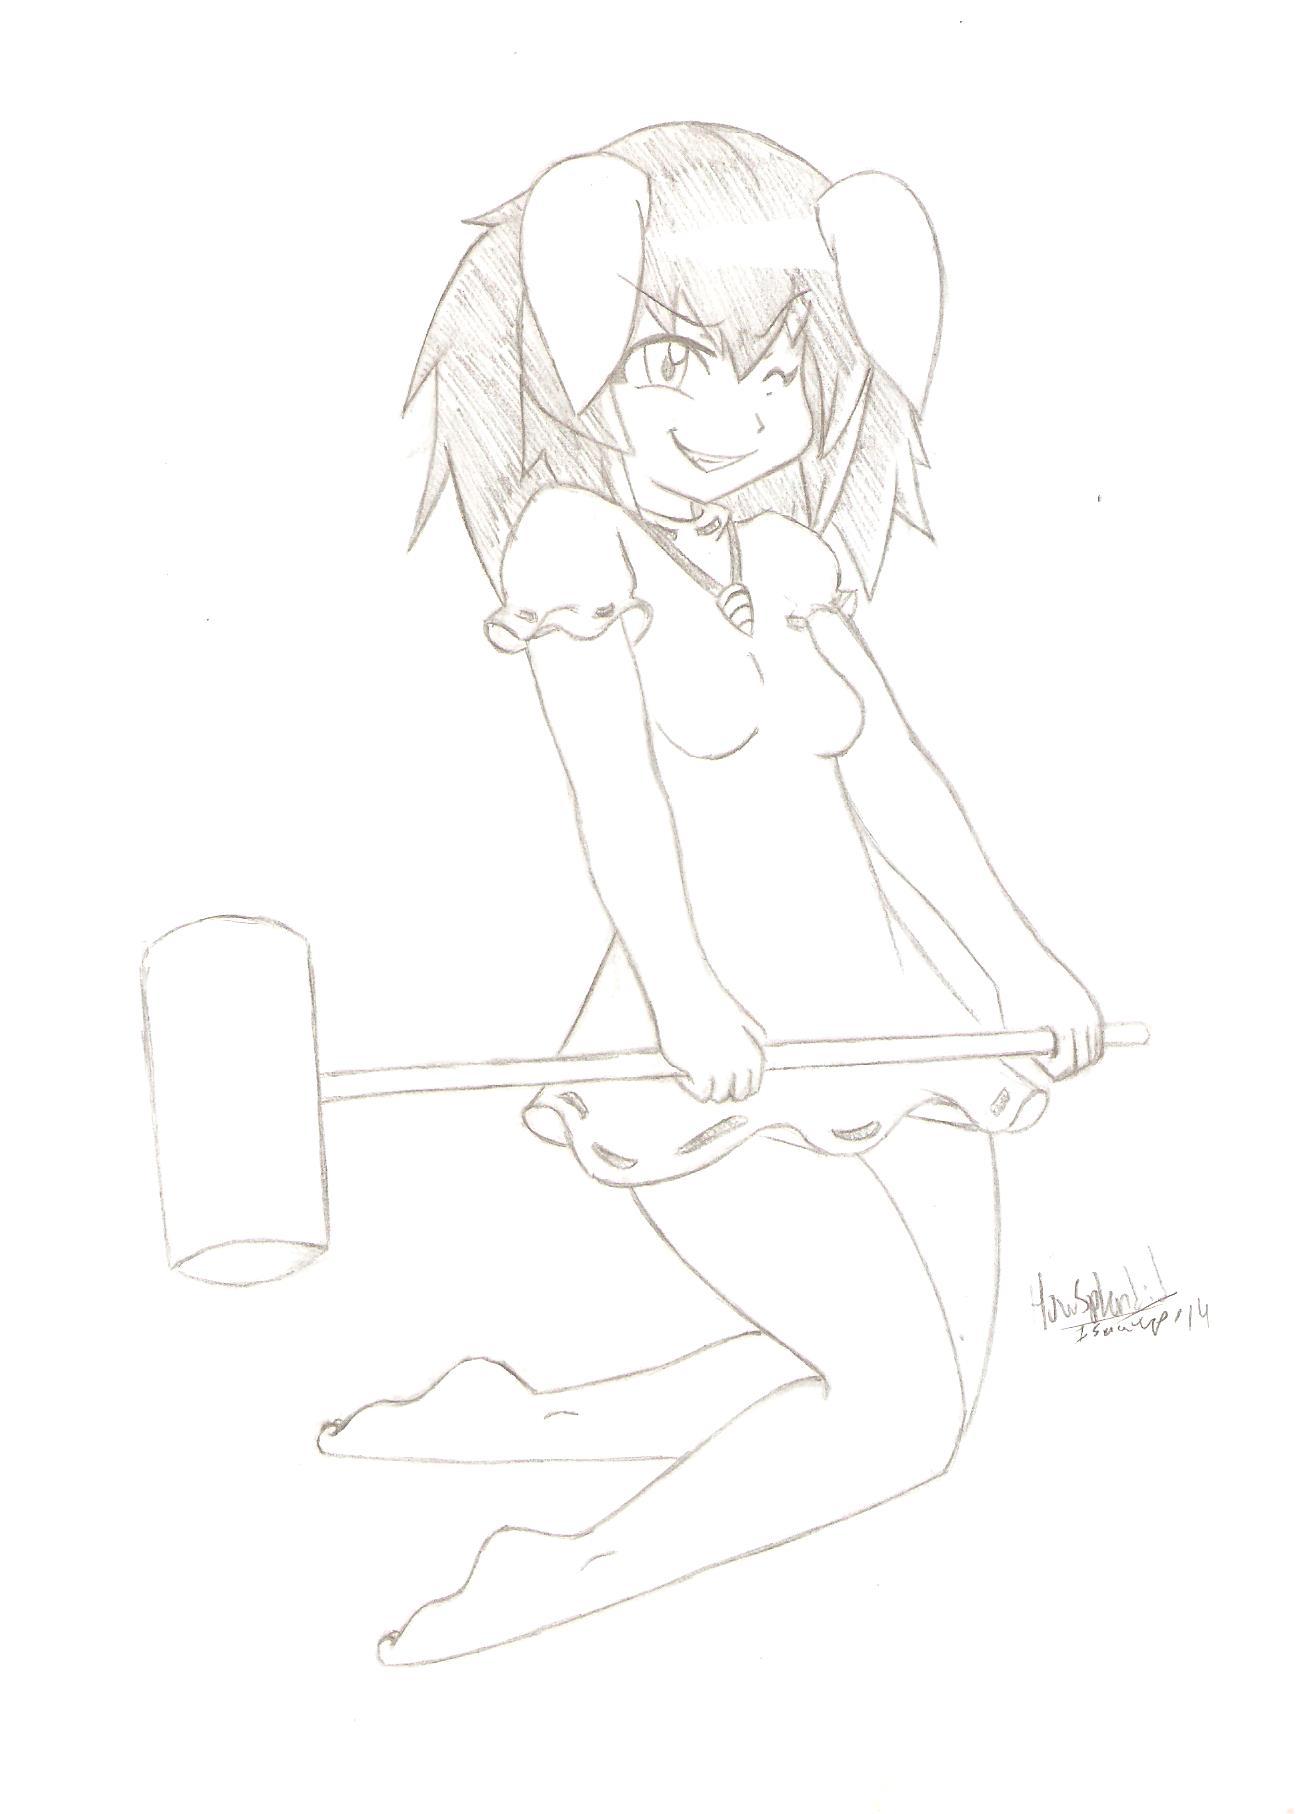 She's got a hammer!